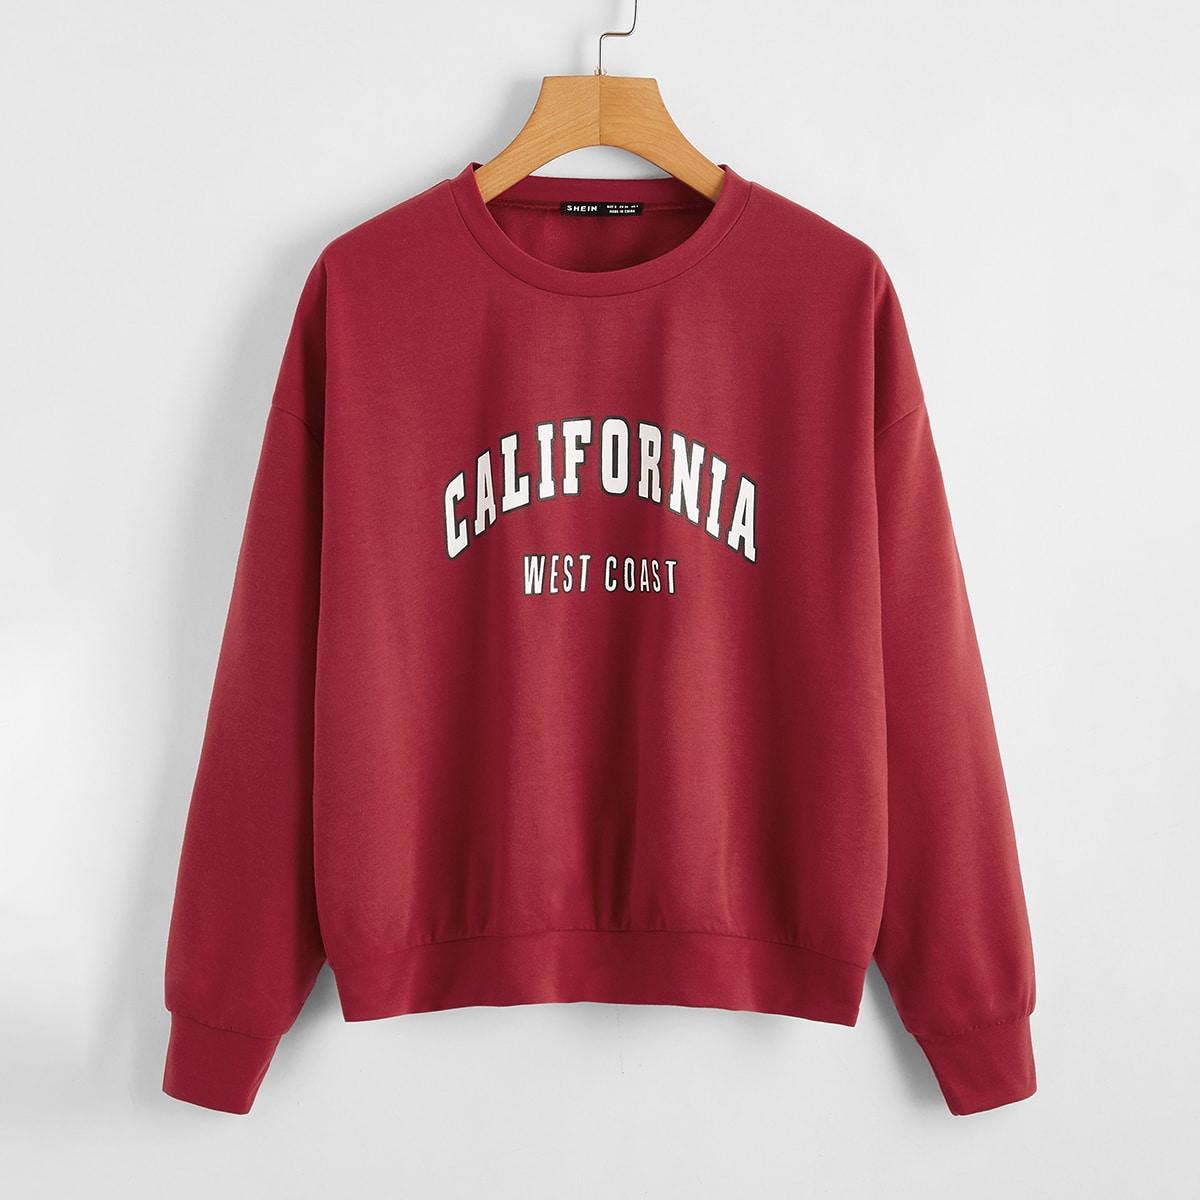 Пуловер с текстовым принтом